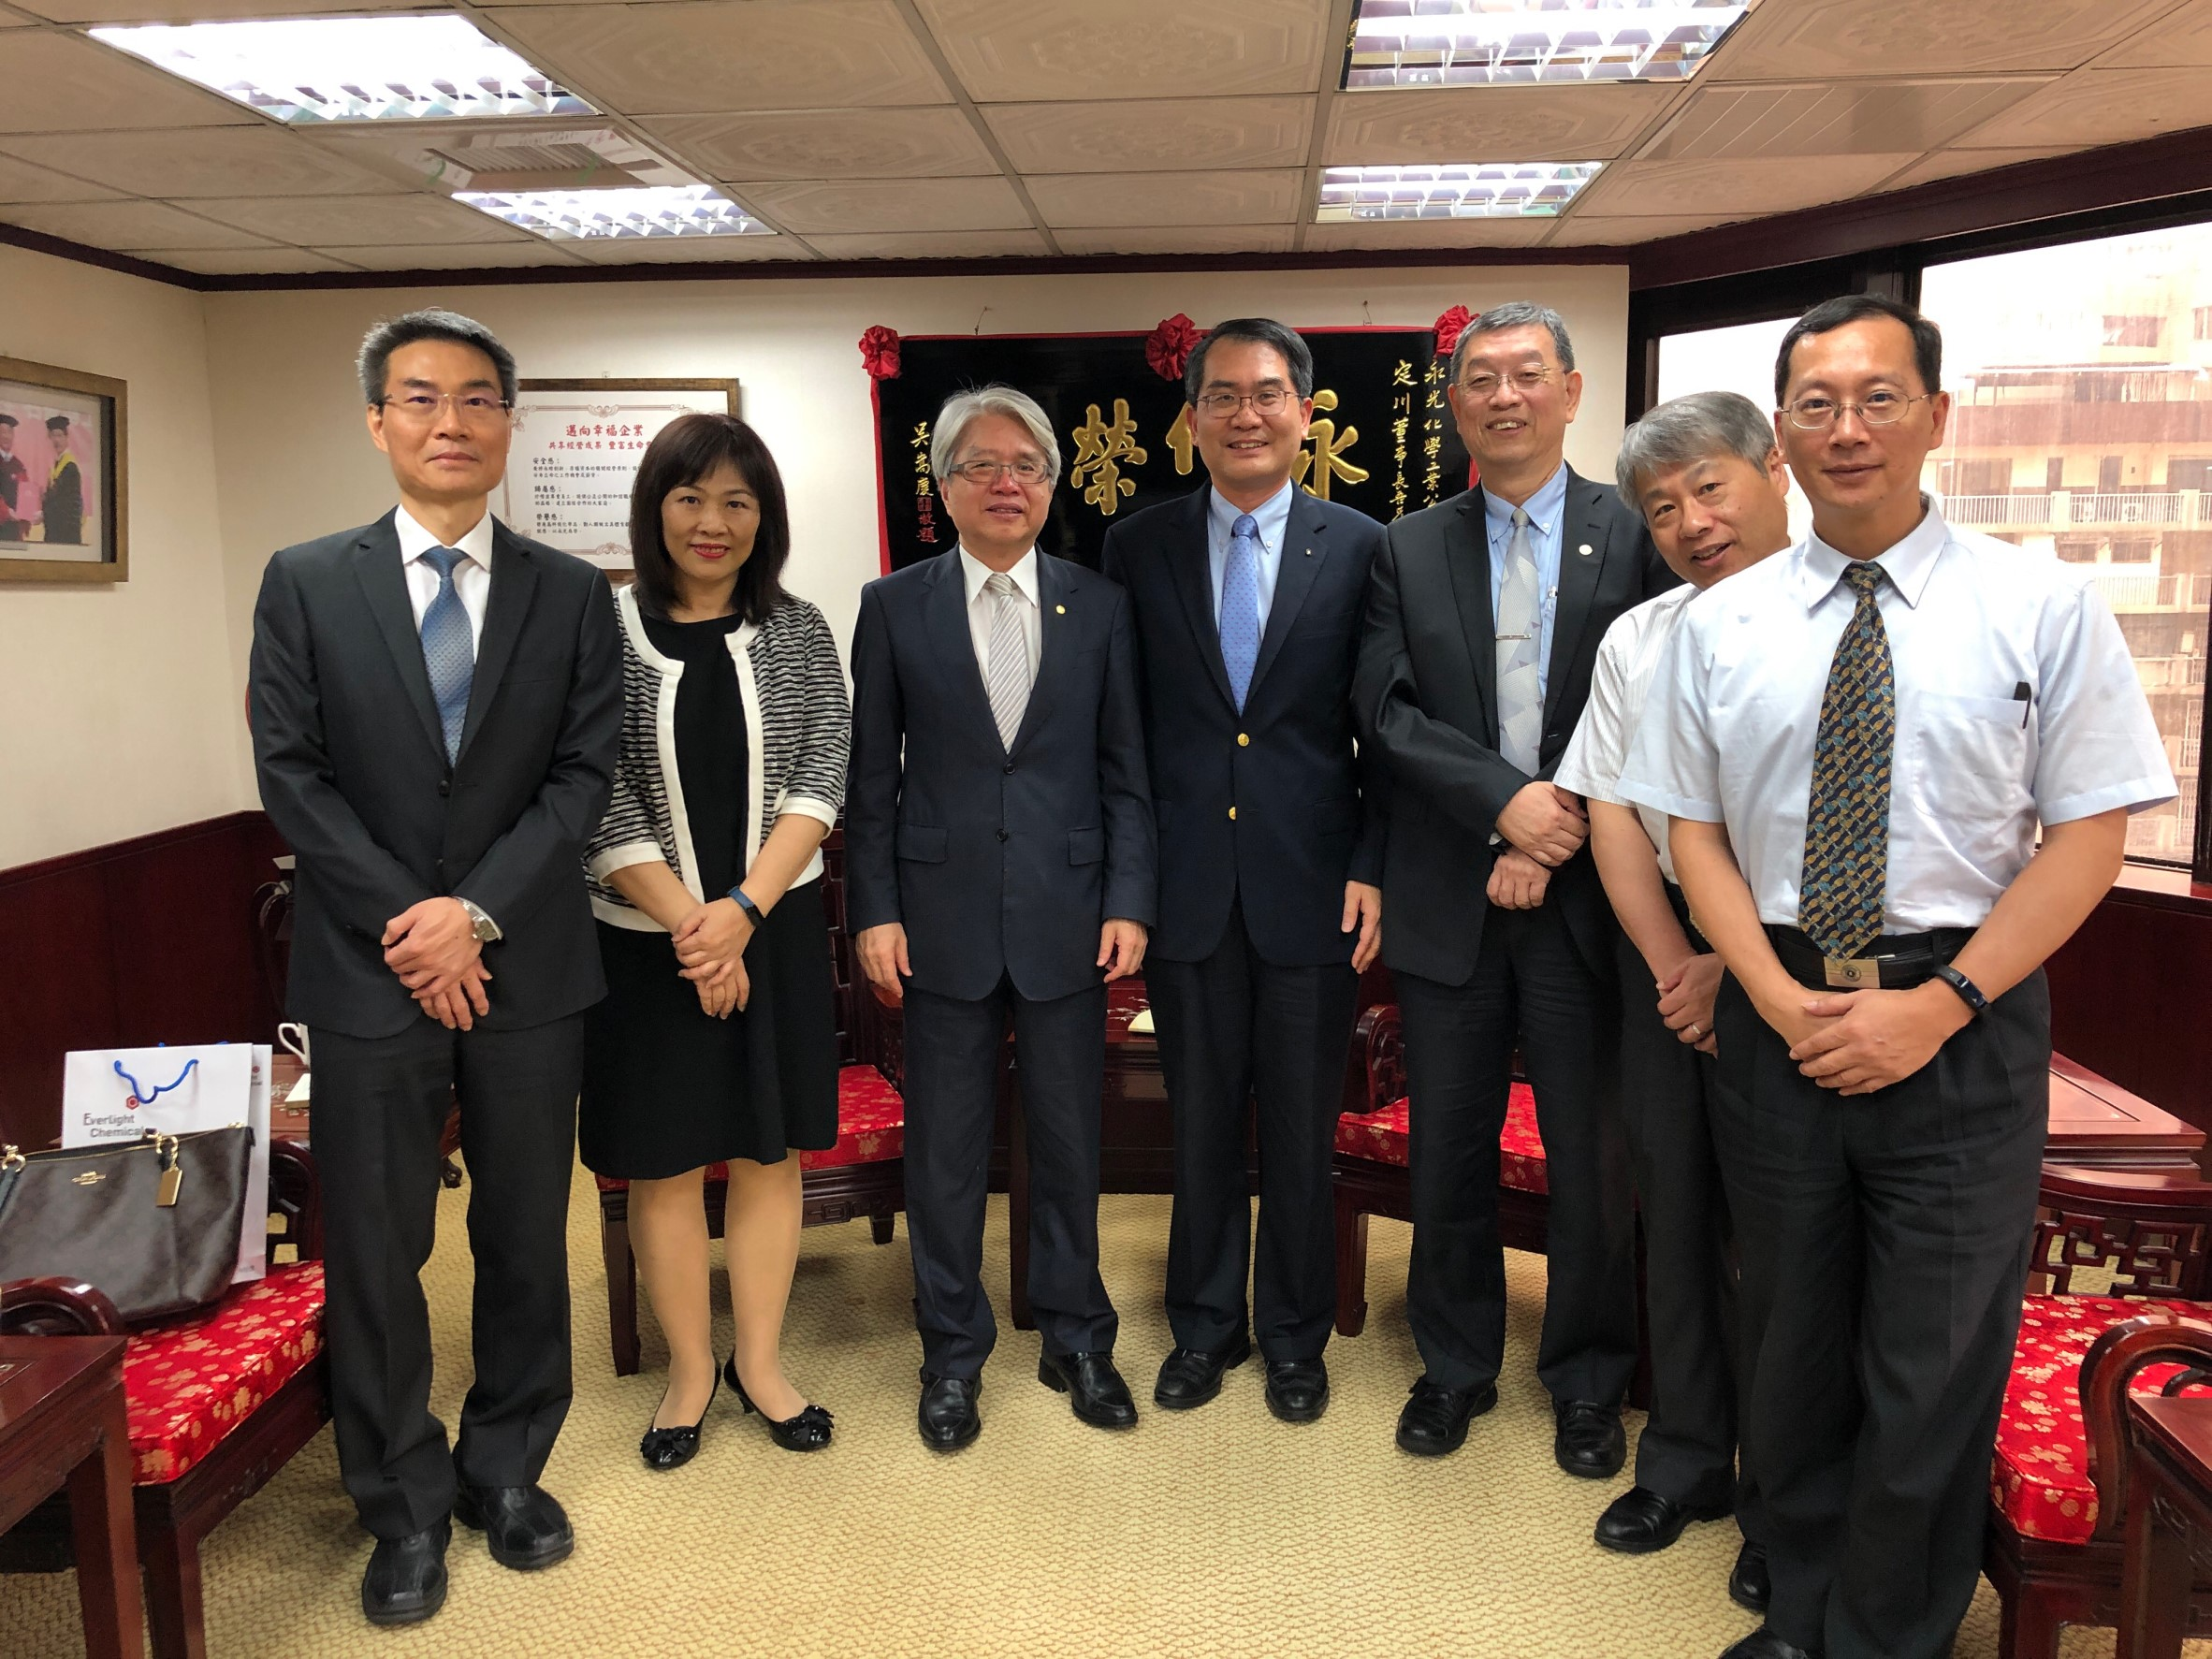 圖片說明-輸出入銀行攜手臺灣永光化學,共同拓展海外市場